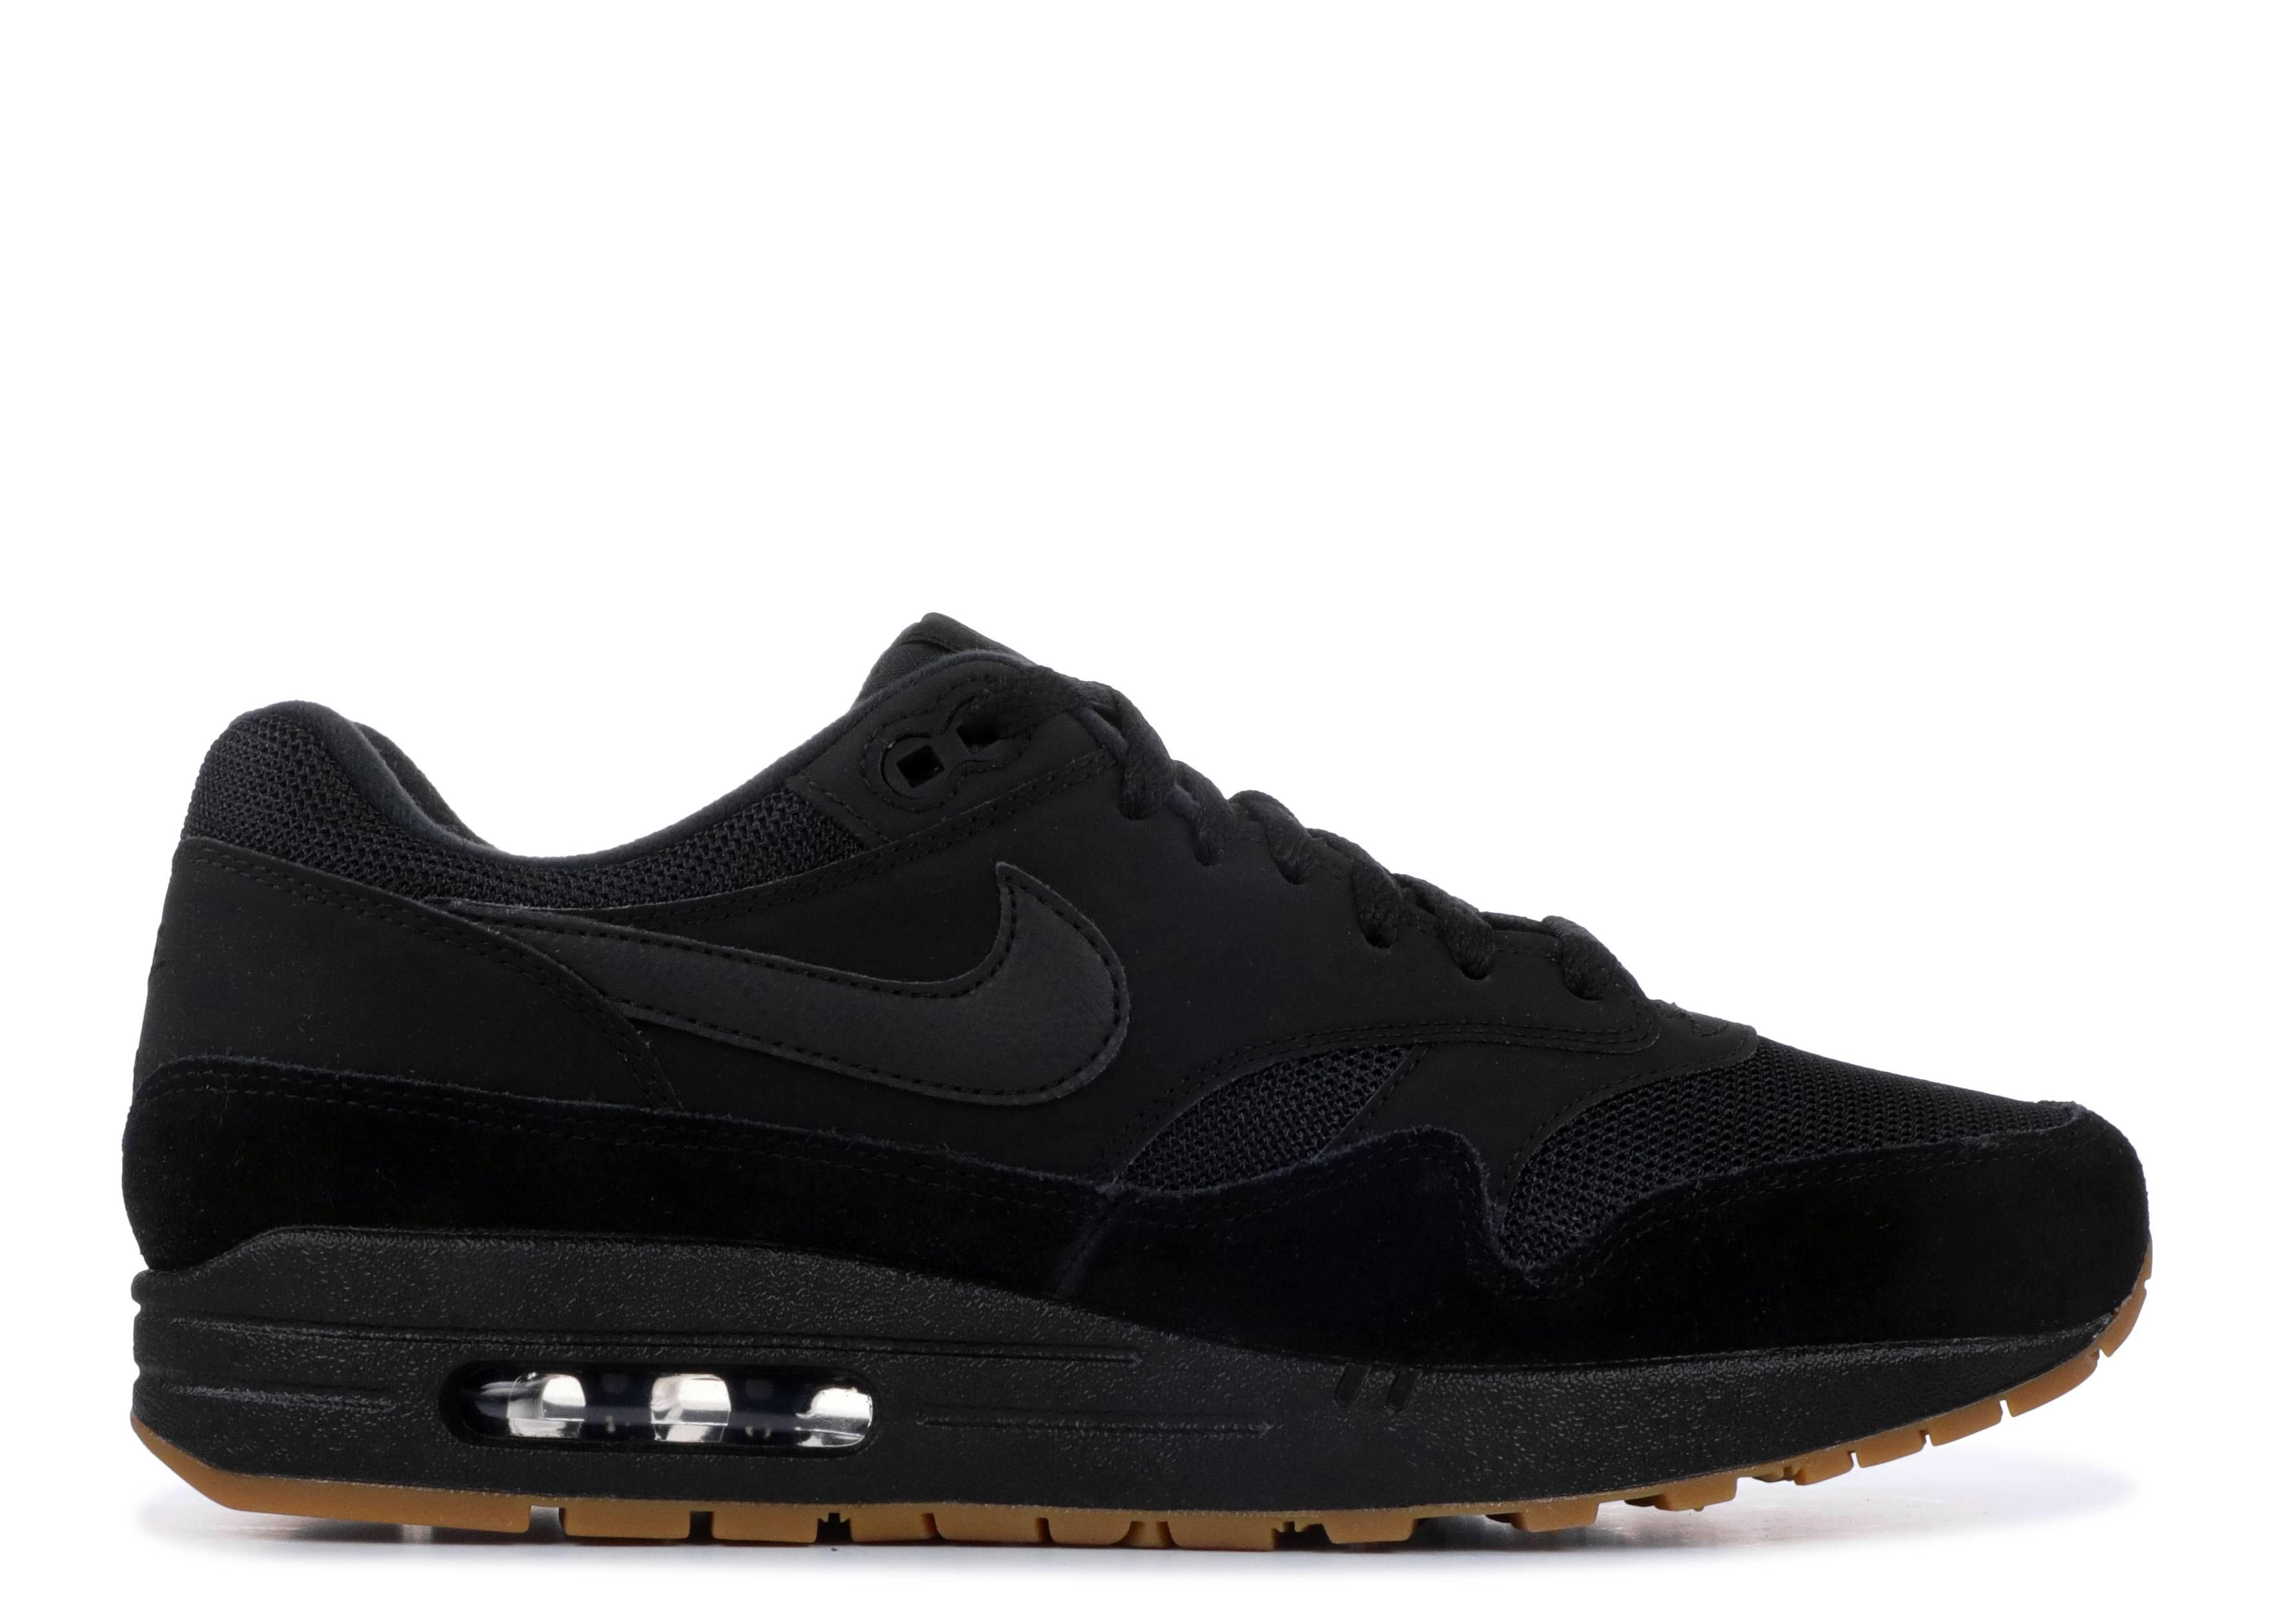 33199b91e4 Nike Air Max 1 - Nike - ah8145 007 - black/black-black   Flight Club